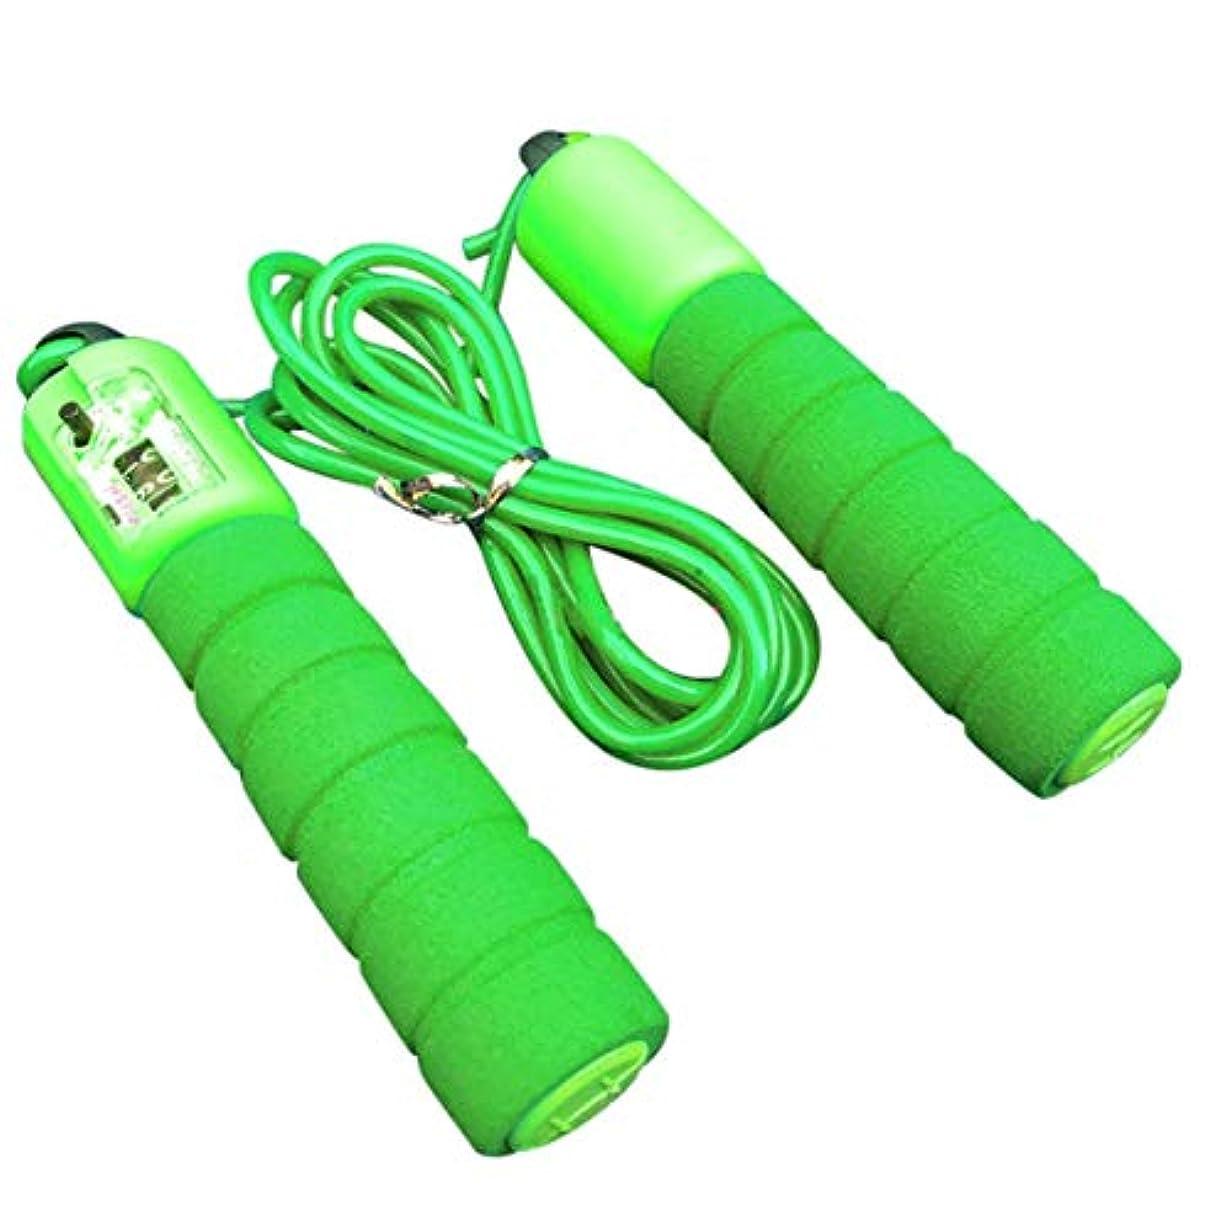 コイル起こりやすいどっちでも調節可能なプロフェッショナルカウント縄跳び自動カウントジャンプロープフィットネス運動高速カウントジャンプロープ - グリーン